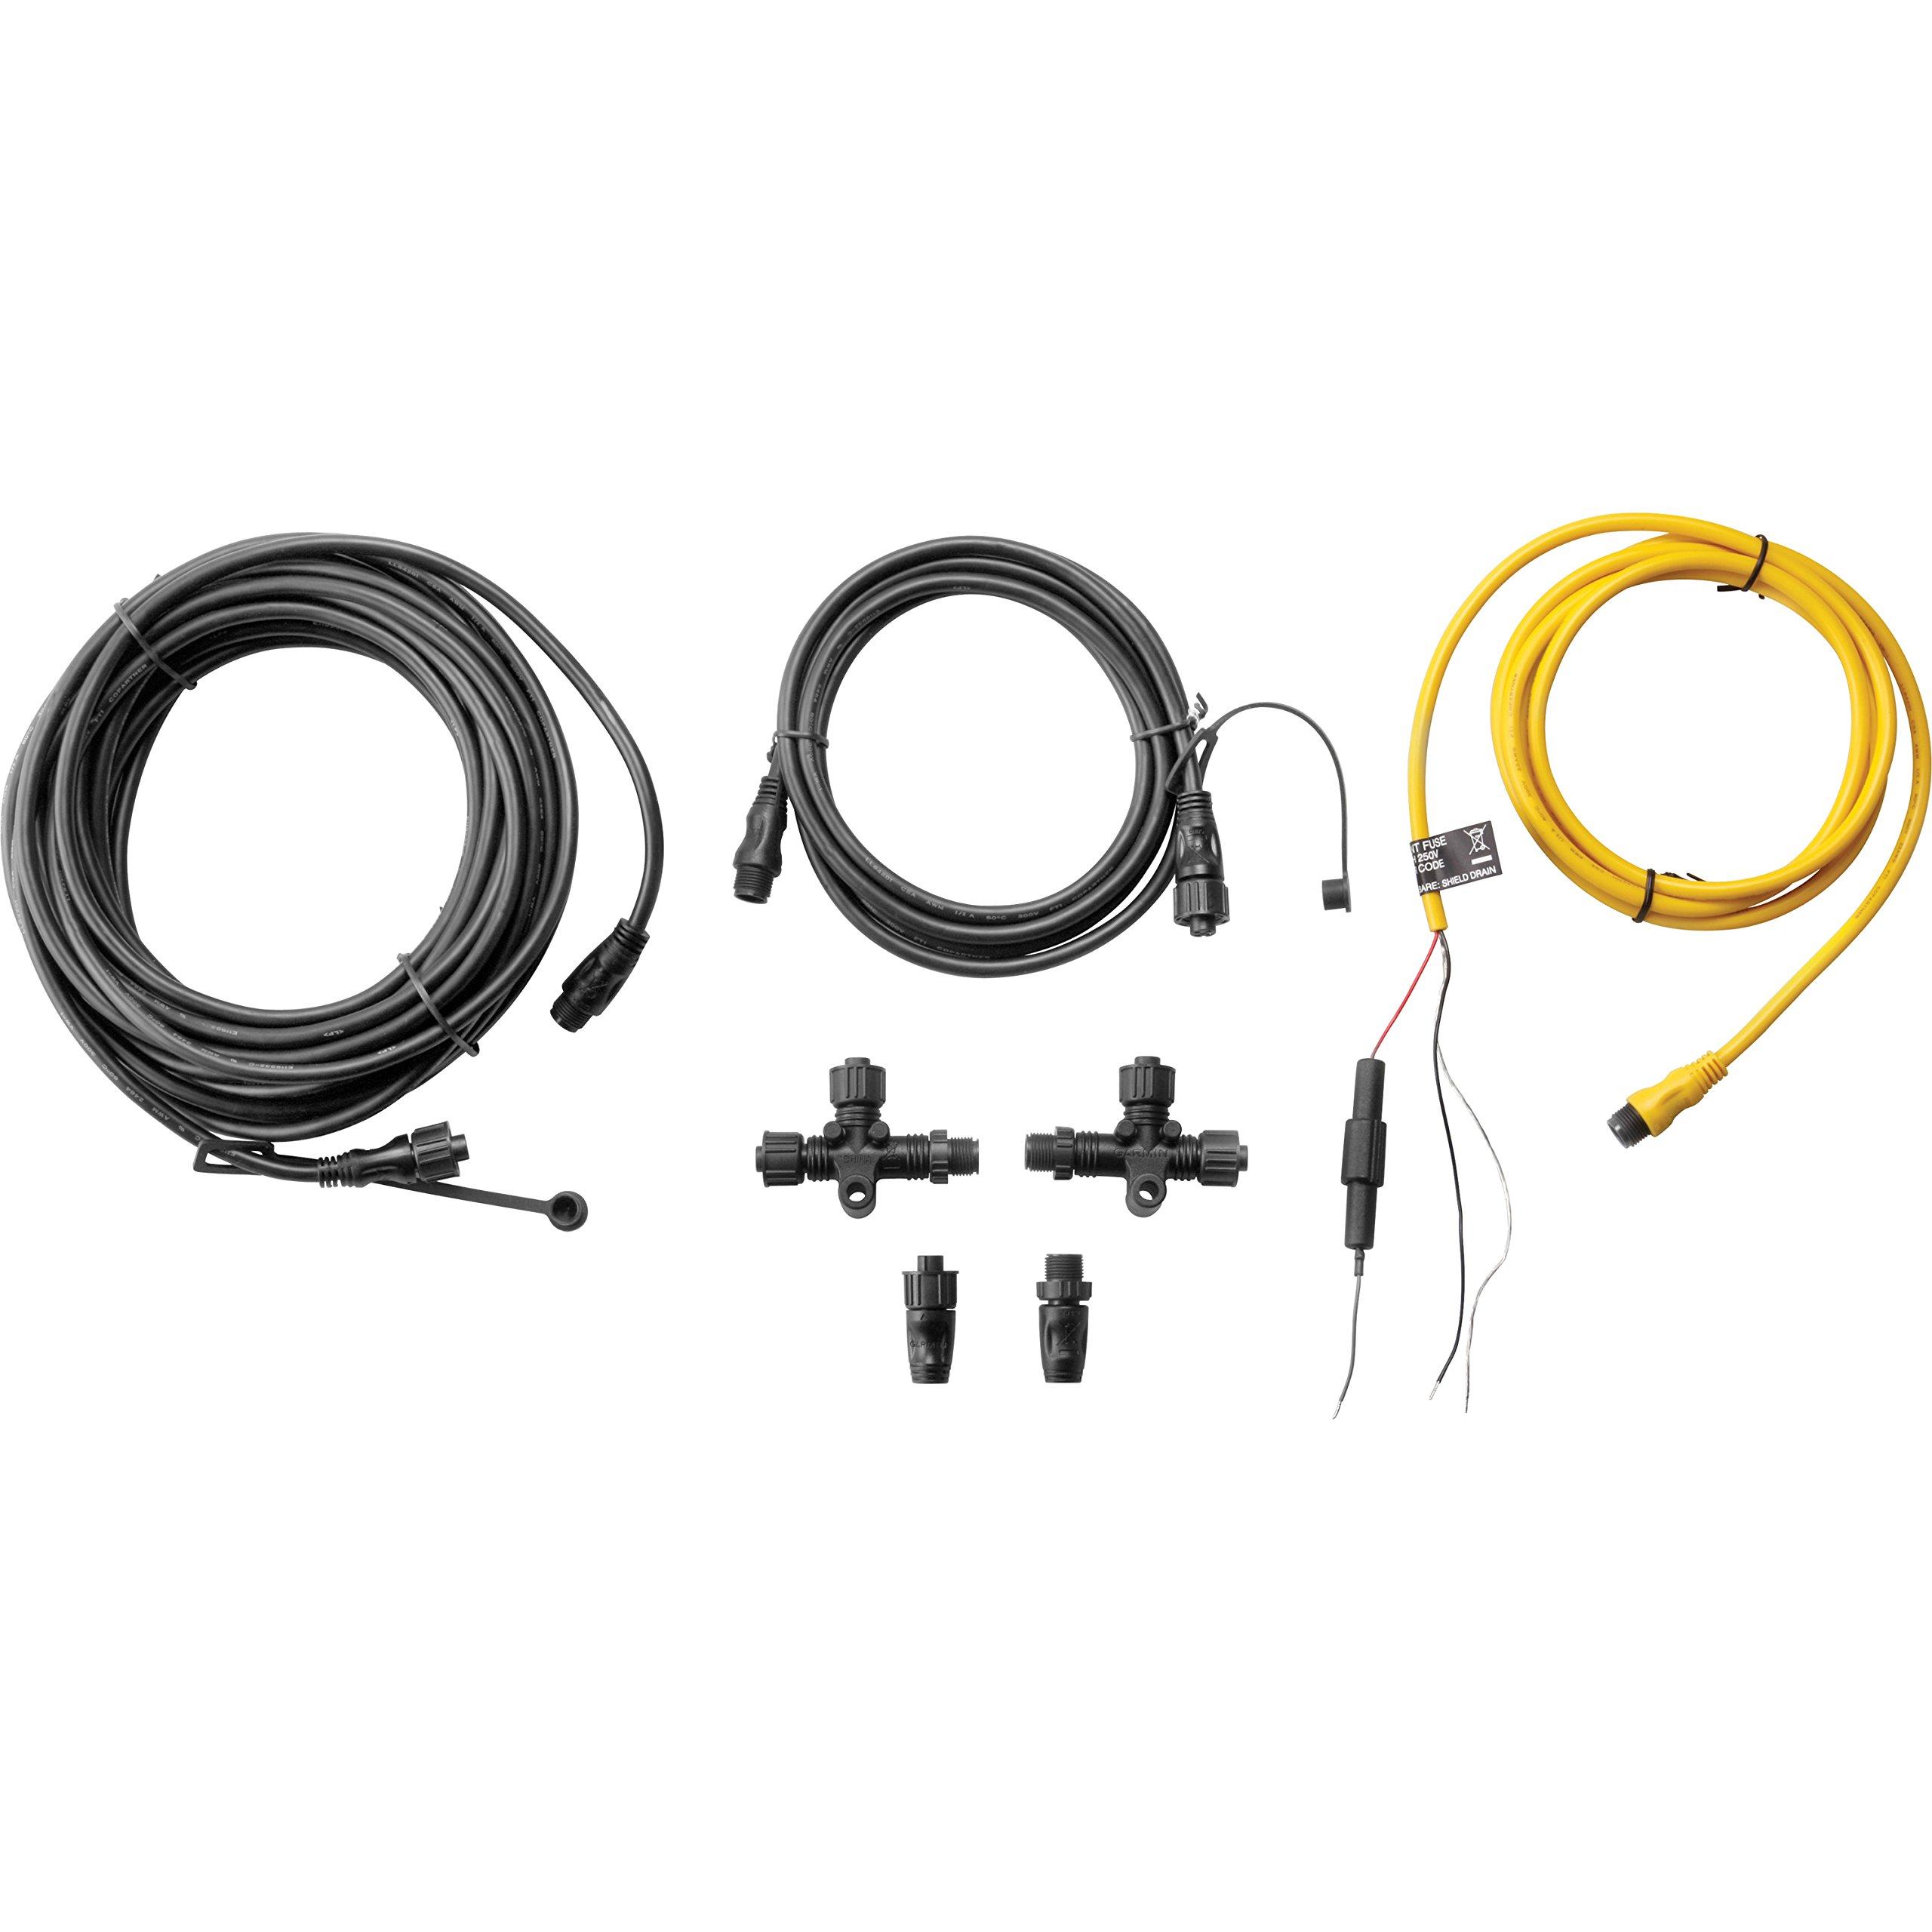 Amazon.com: Lowrance Yamaha Engine Interface Cable